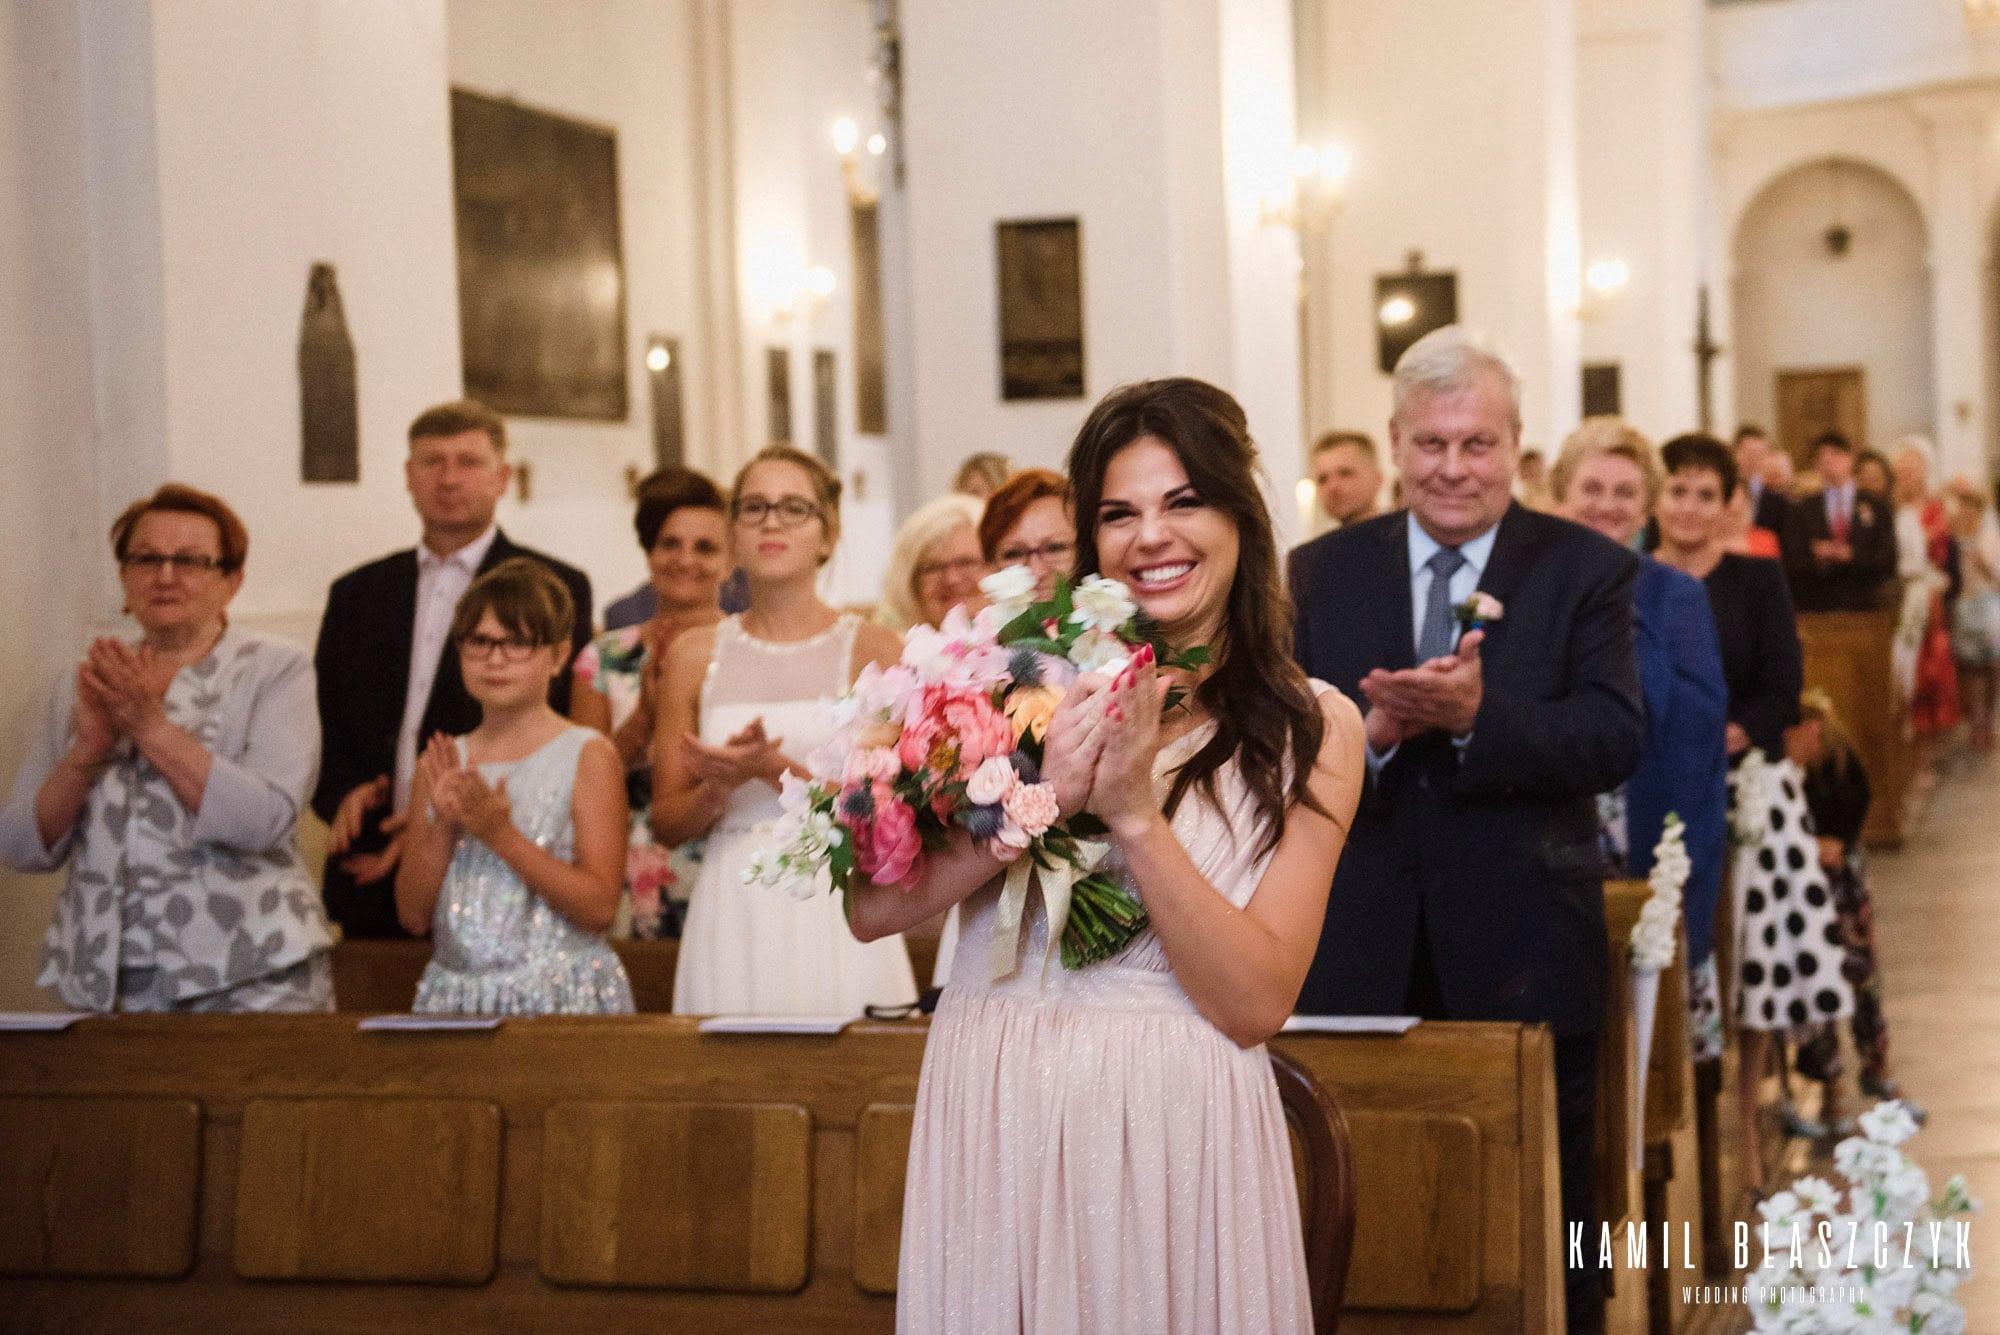 Aplauz, brawo po ceremonii zaślubin